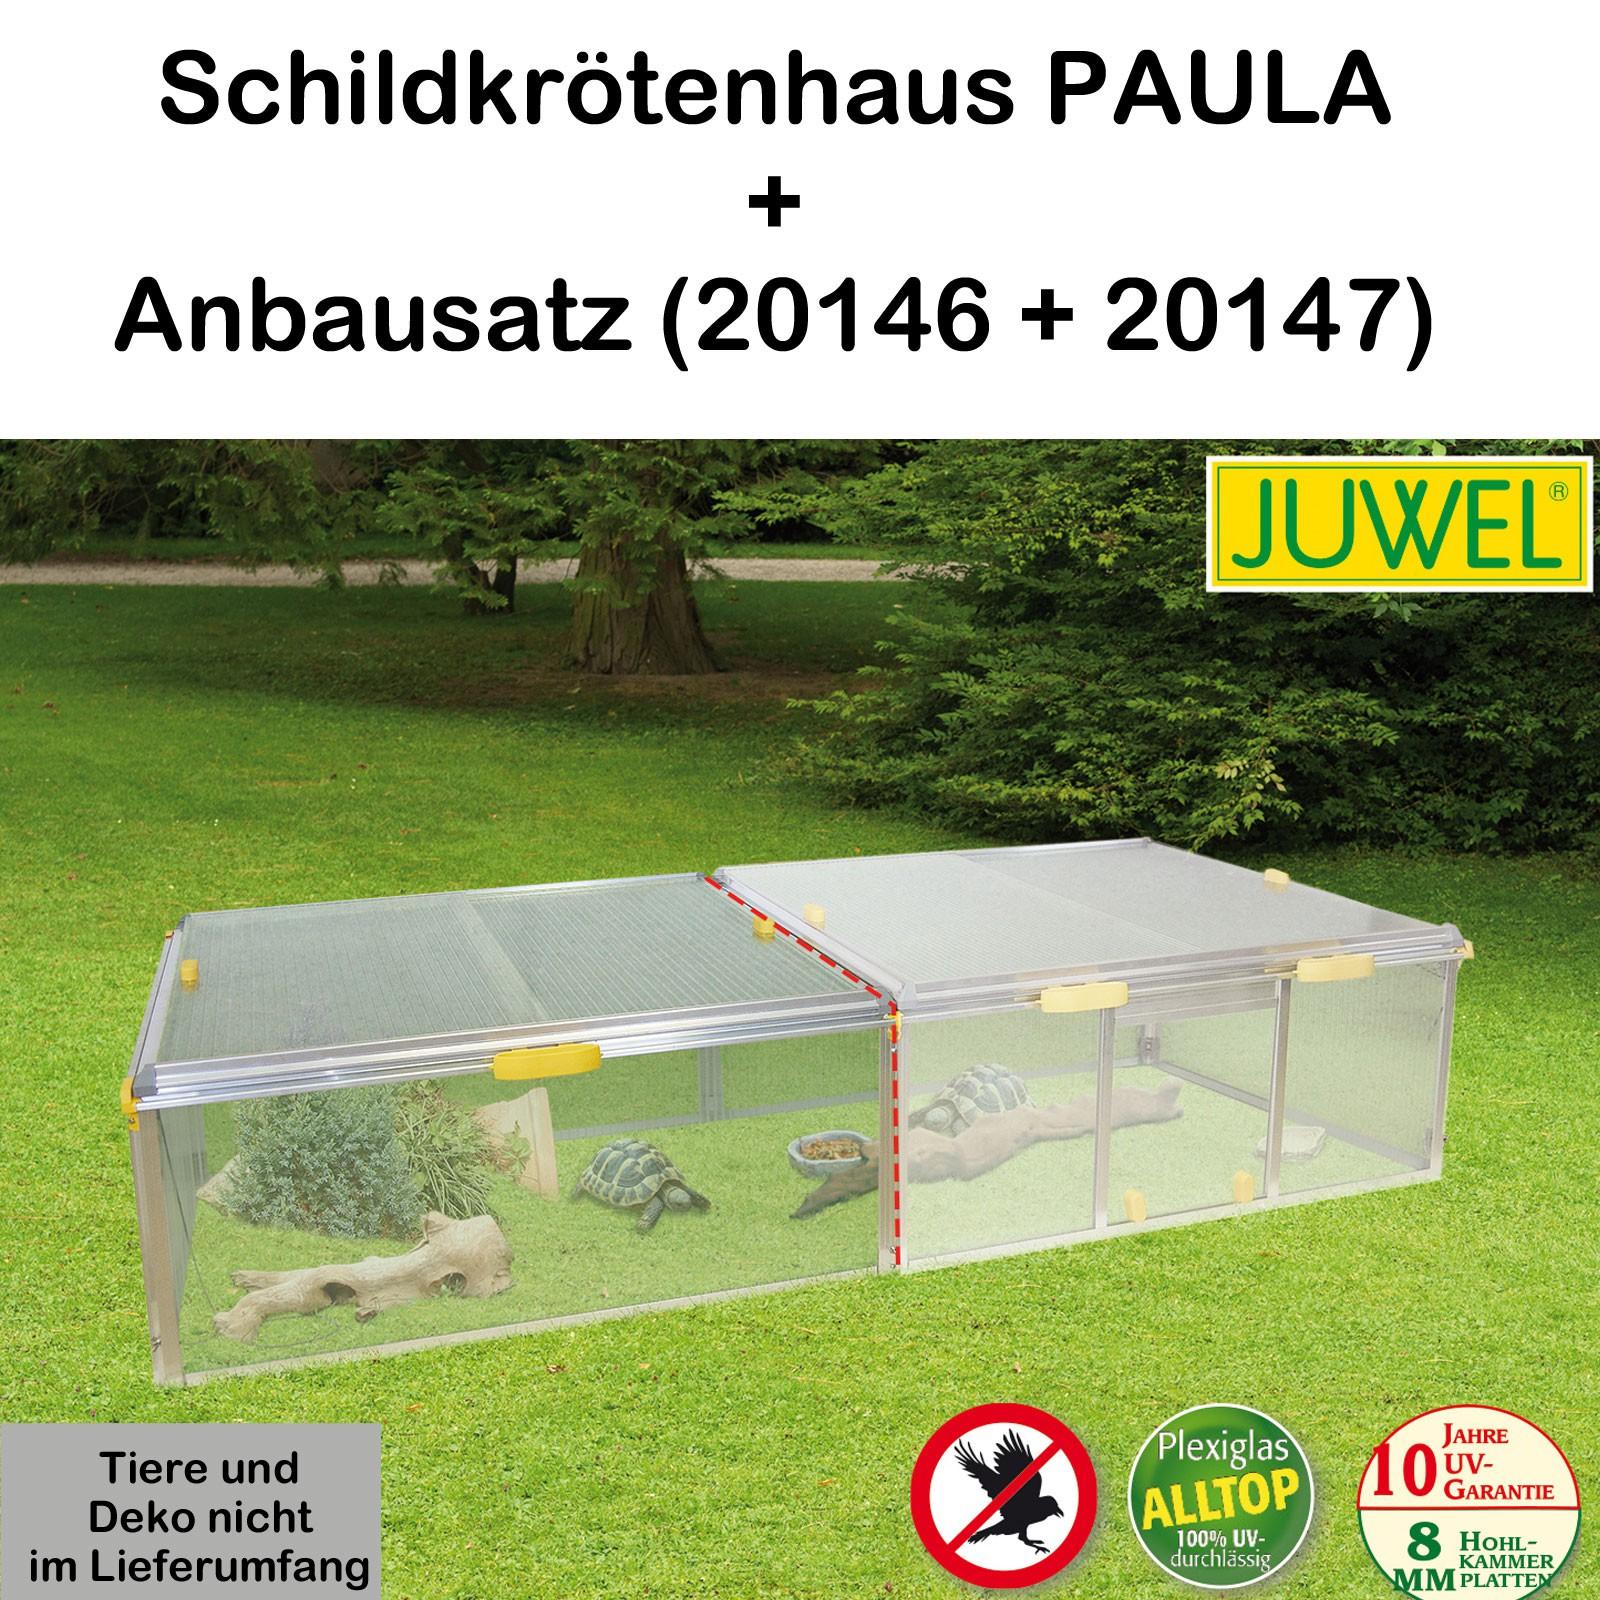 Juwel Schildkrötenhaus PAULA m./o. Zubehör Anbausatz Freigehege 20146+20147